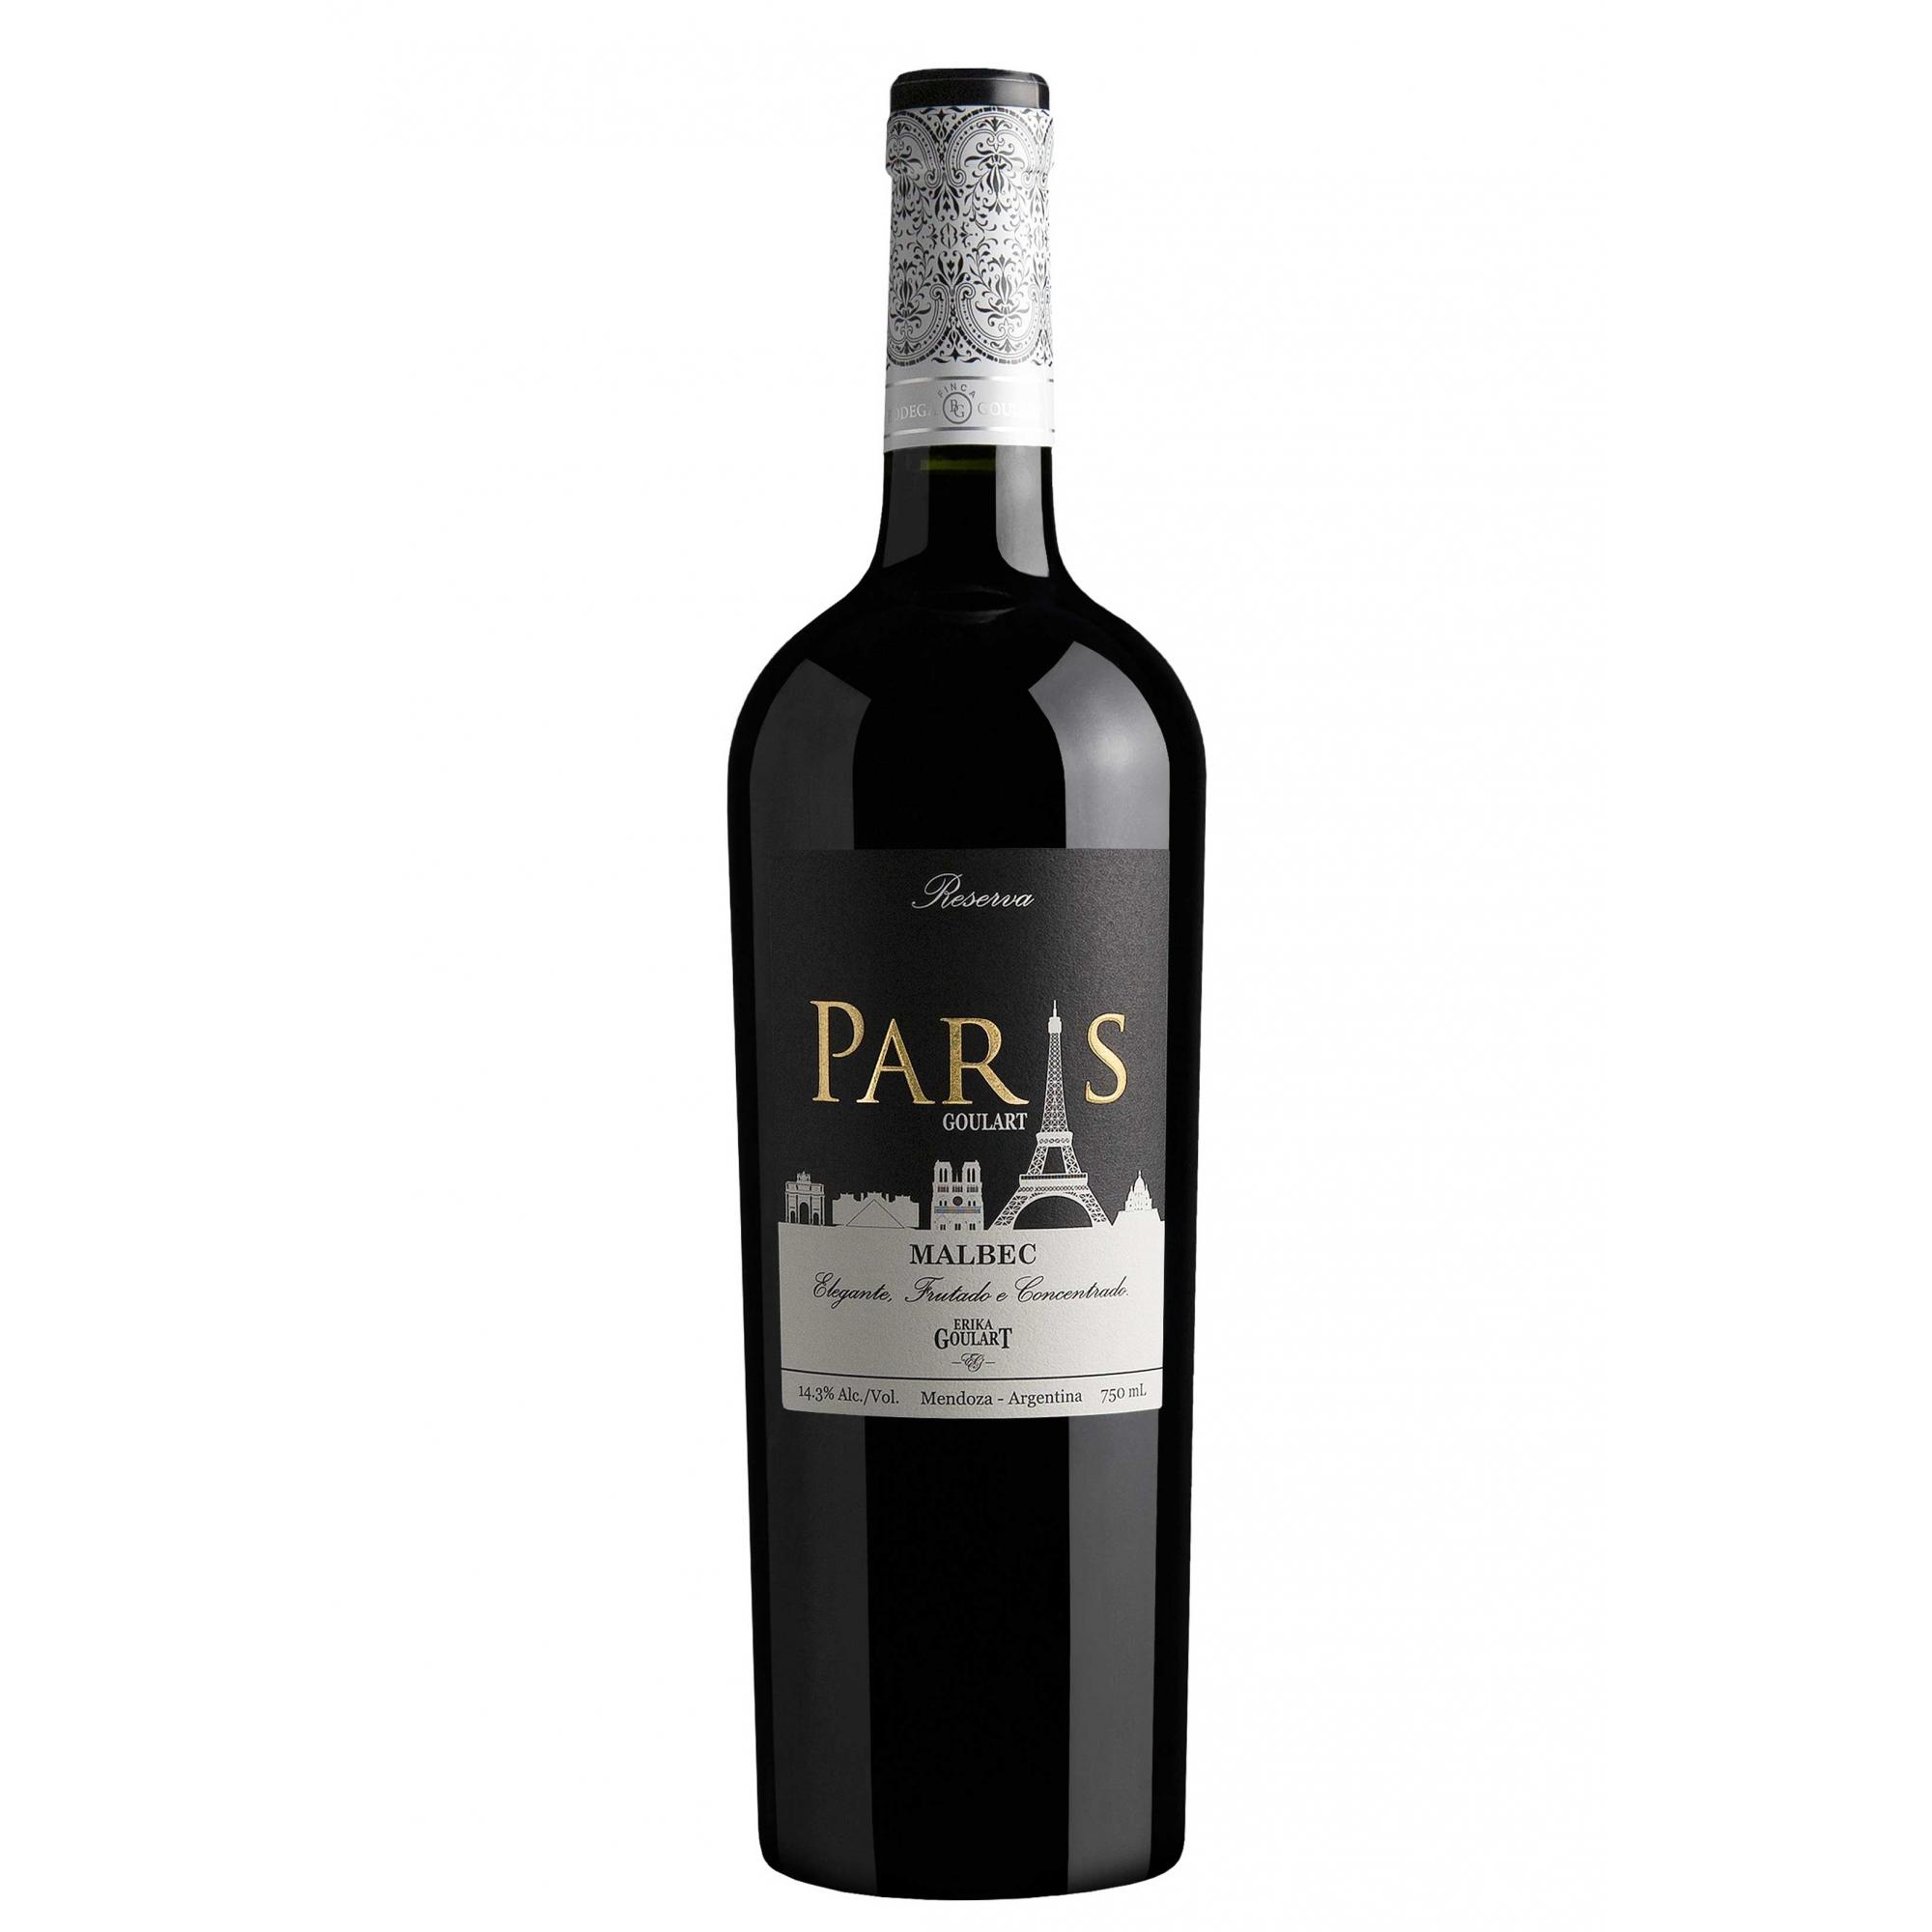 Paris Goulart Reserva Malbec 2019 - 750ml